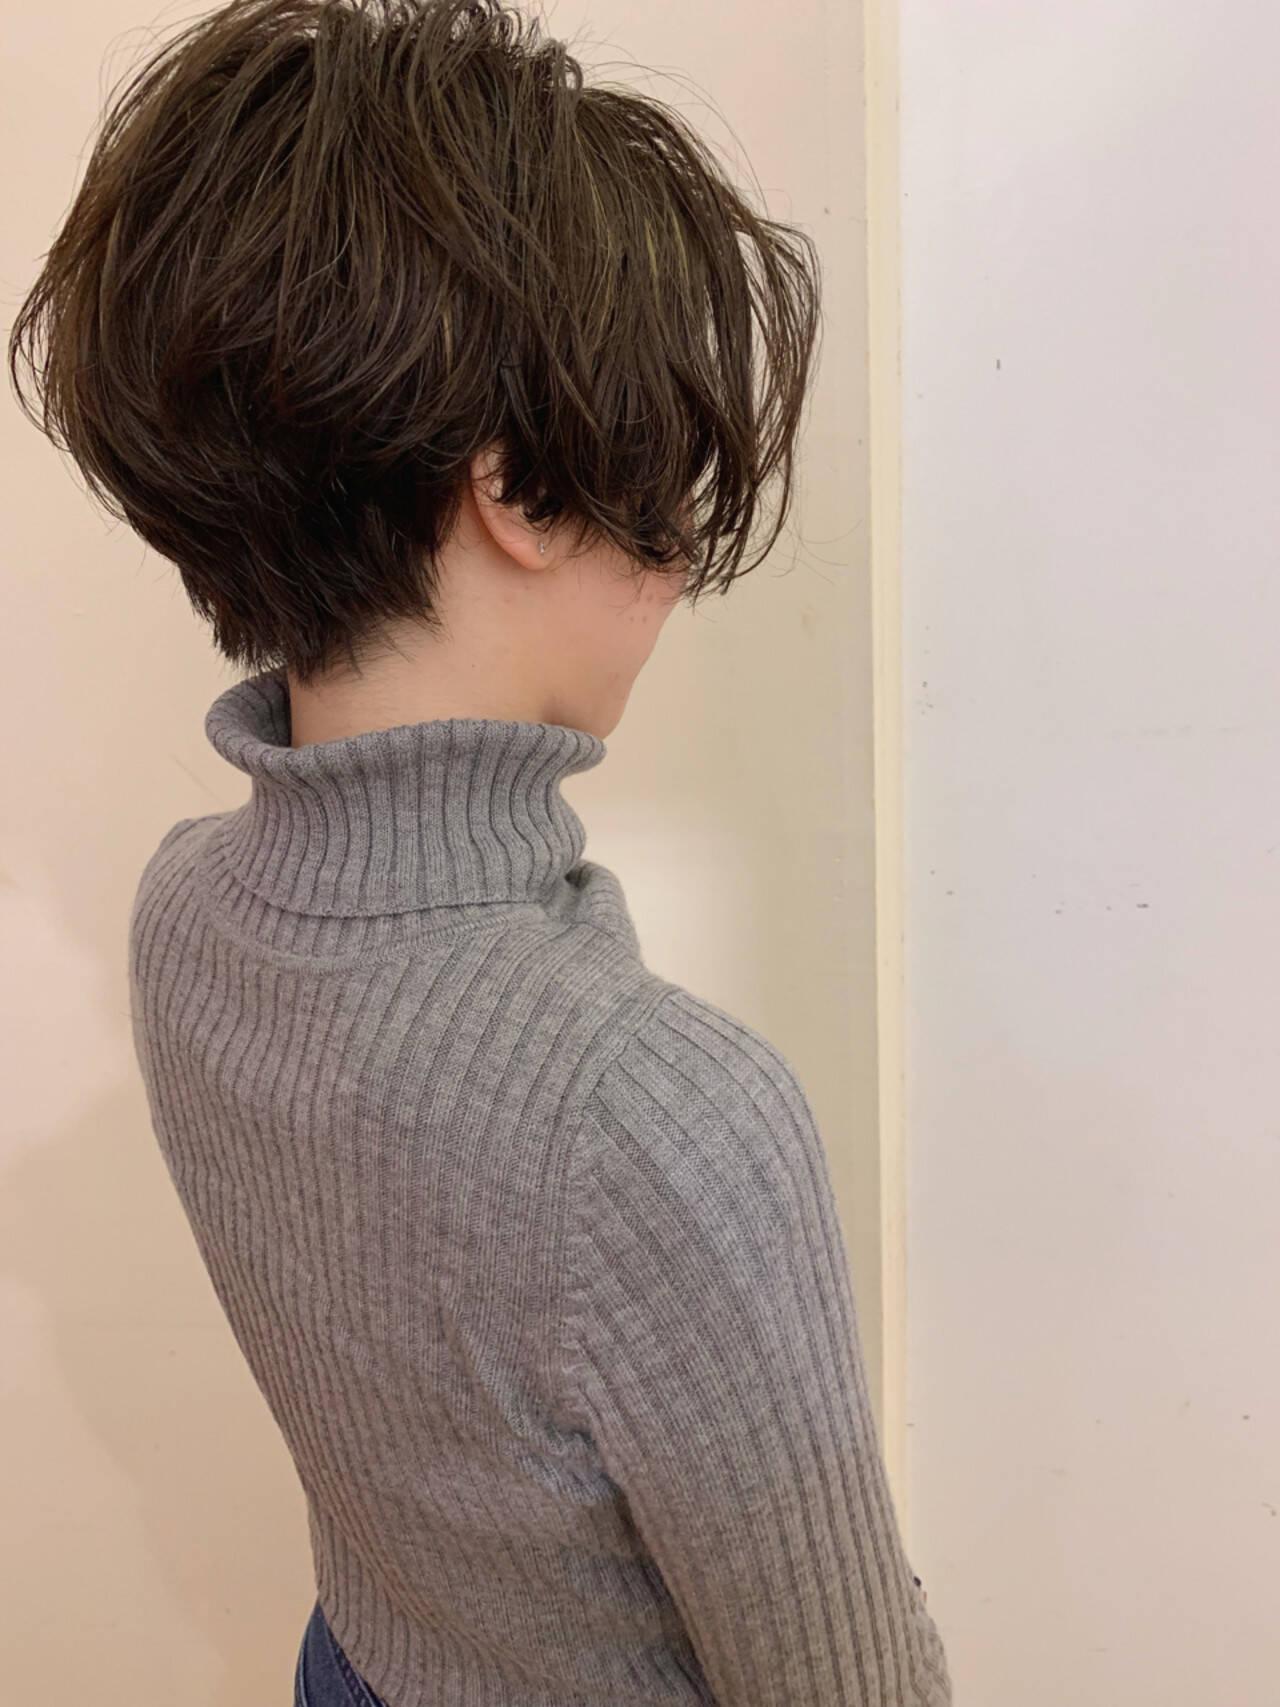 アンニュイほつれヘア デート ハイライト 大人かわいいヘアスタイルや髪型の写真・画像